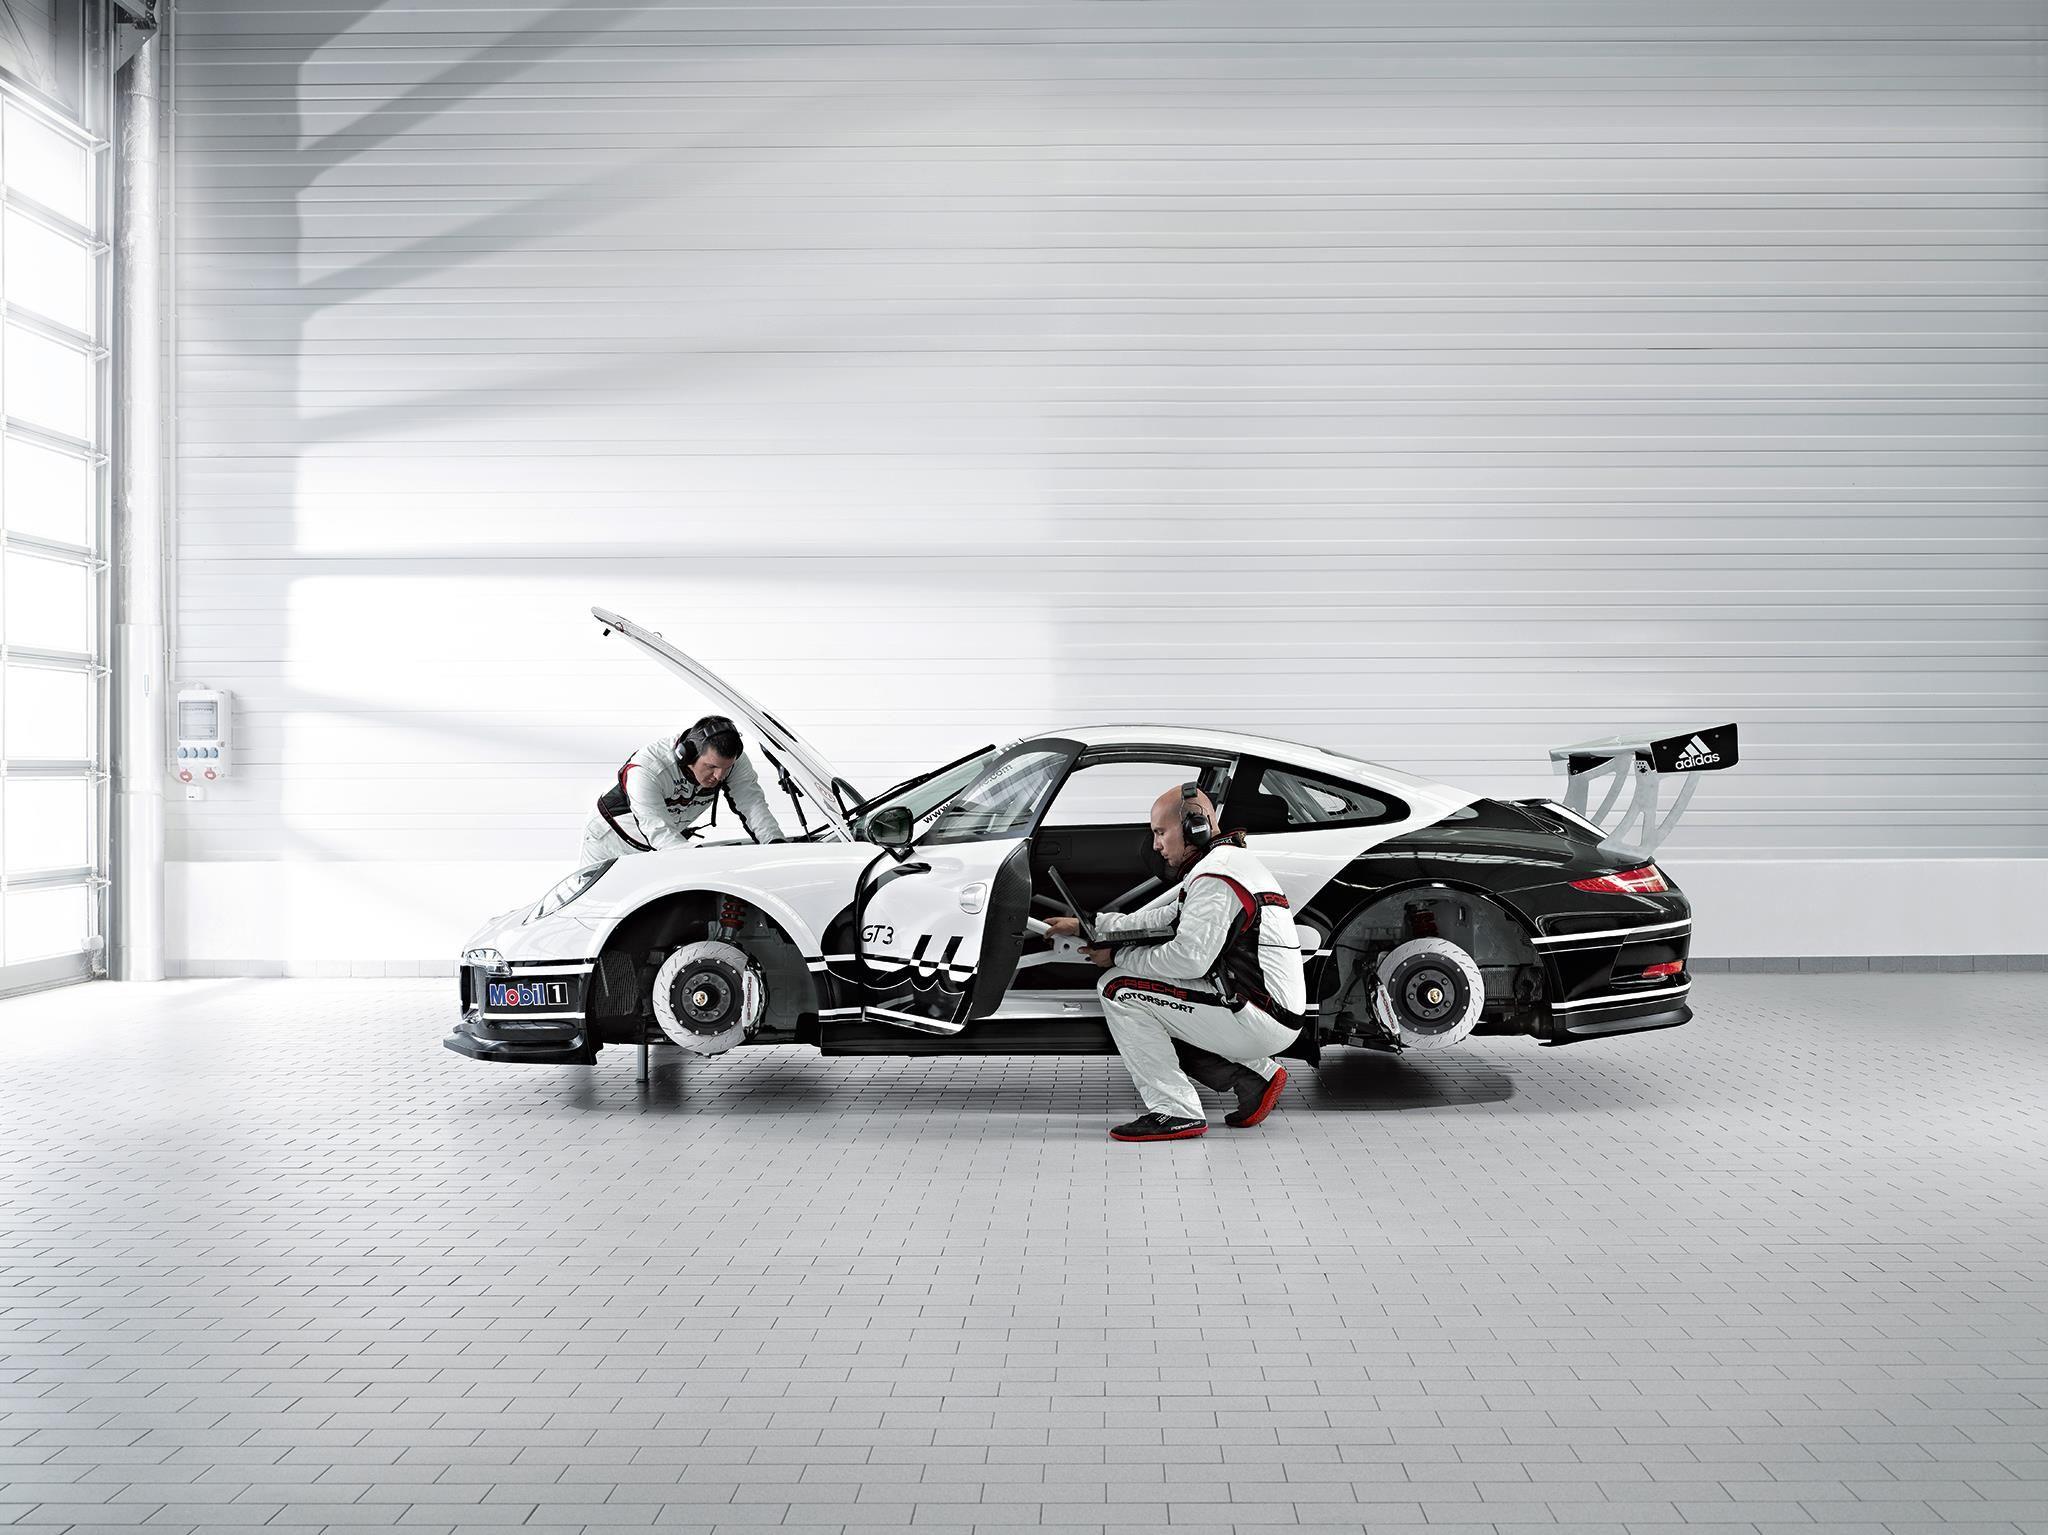 New Porsche Gt3 Cup Car Porsche Porsche Motorsport Super Cars